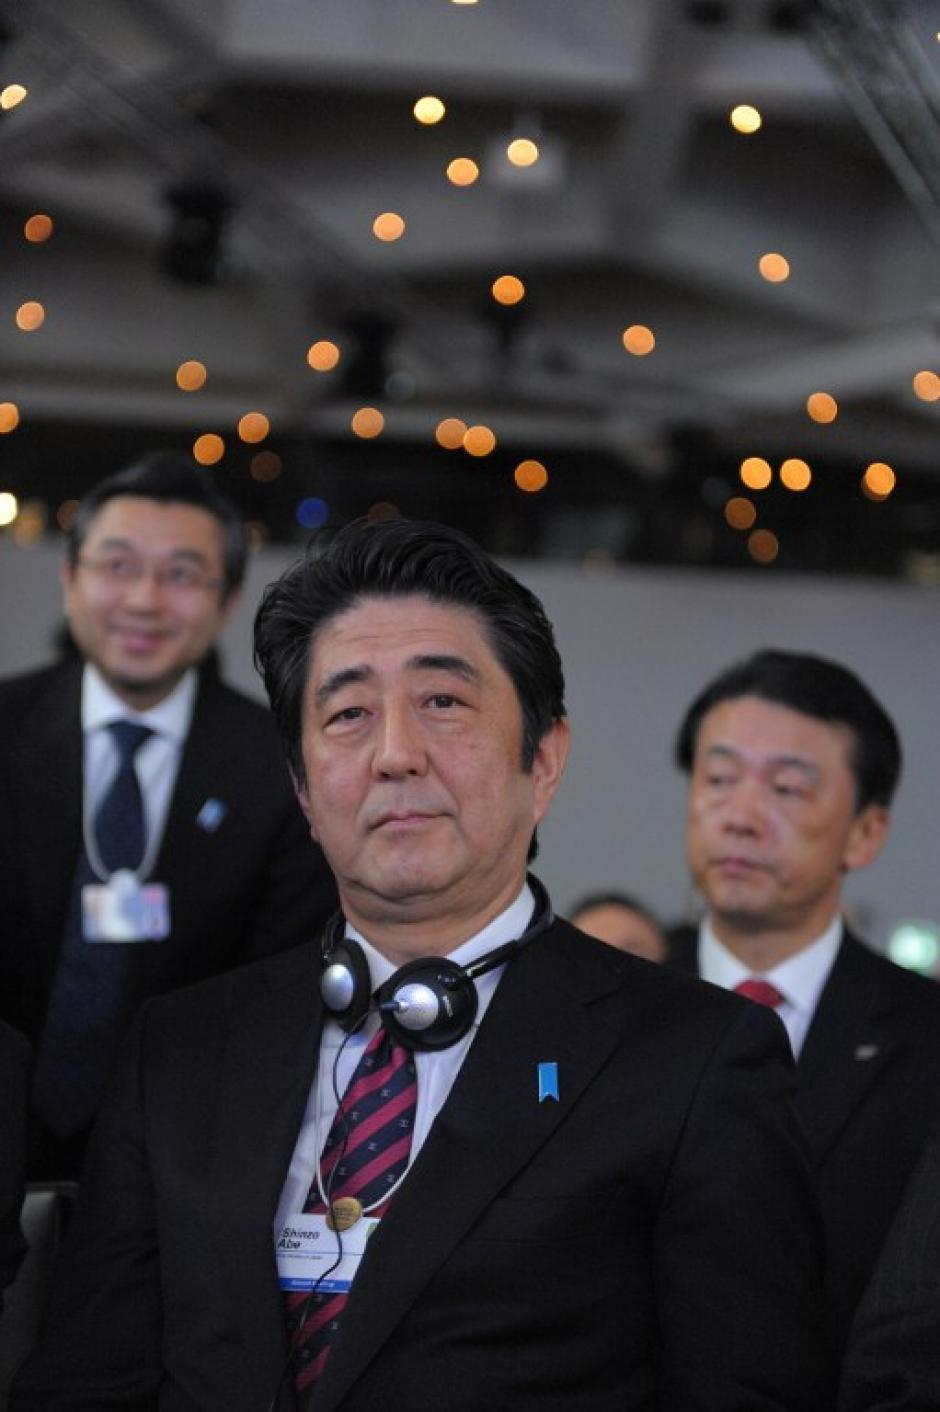 El primer ministro Shinzo Abe también asiste a la cita económica mundial. Foto AFP